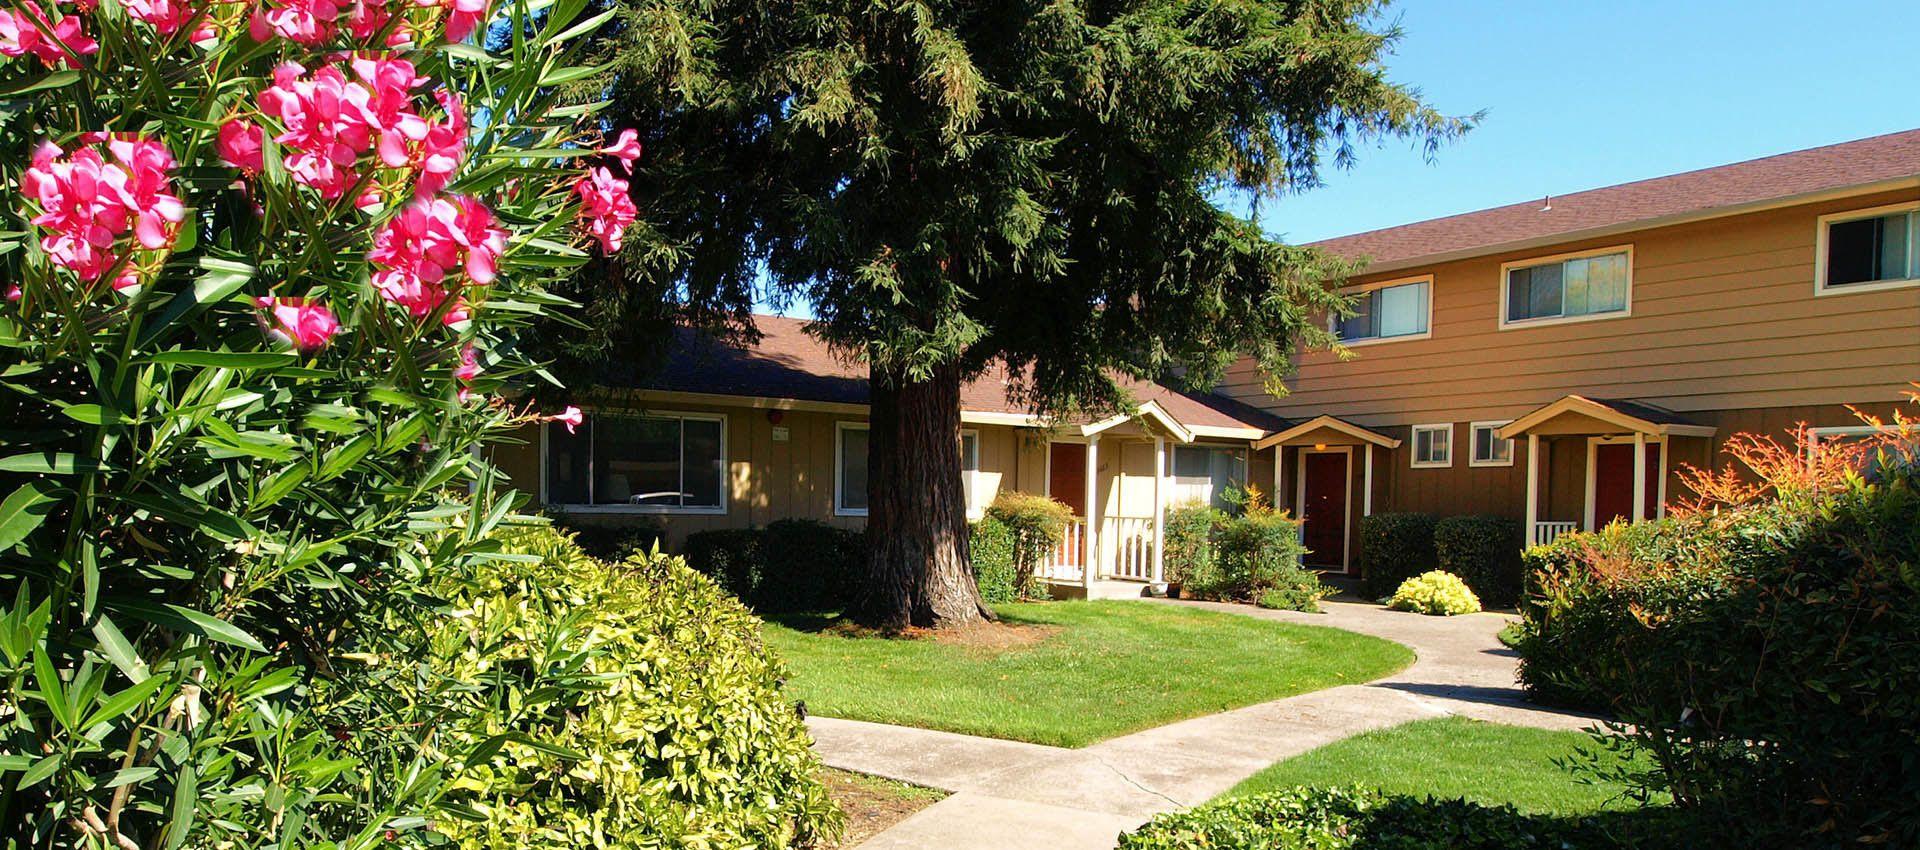 Landscaping at Spring Lake Apartment Homes in Santa Rosa, CA